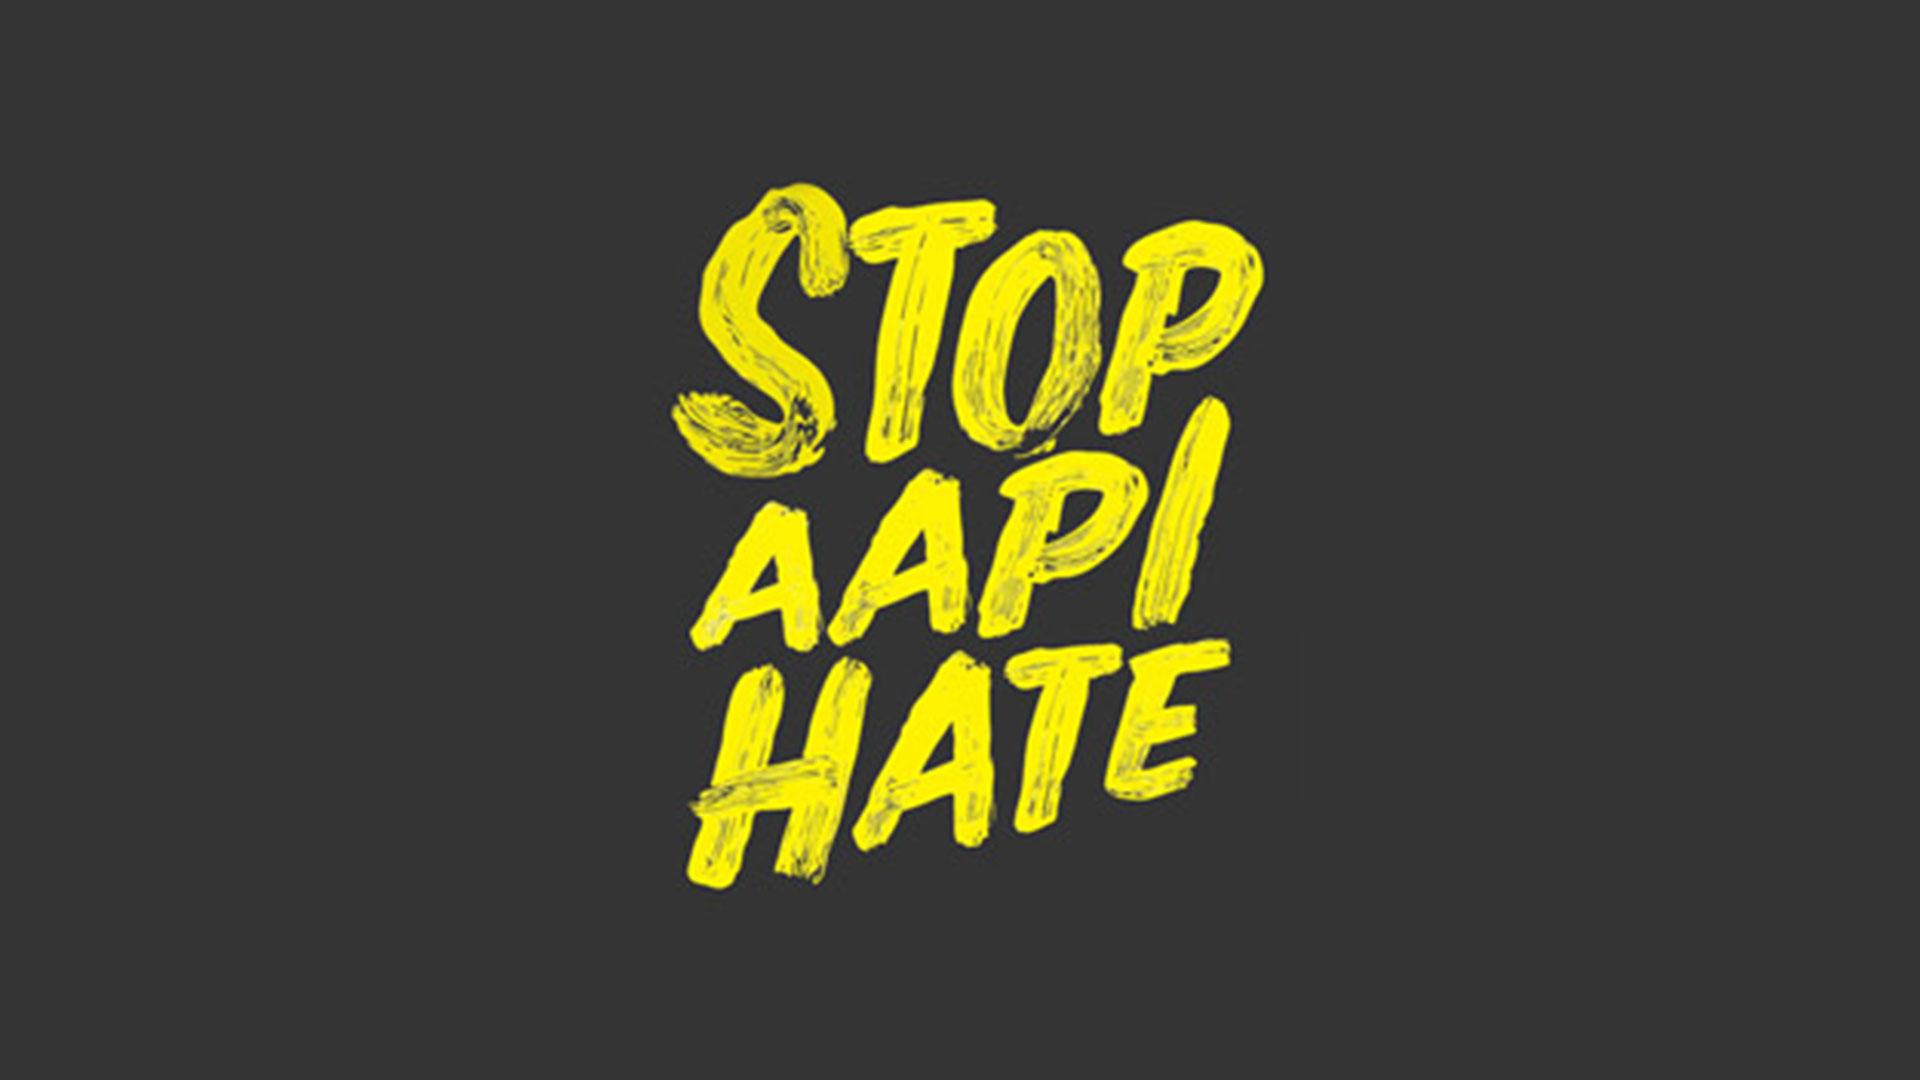 stopAAPIhate